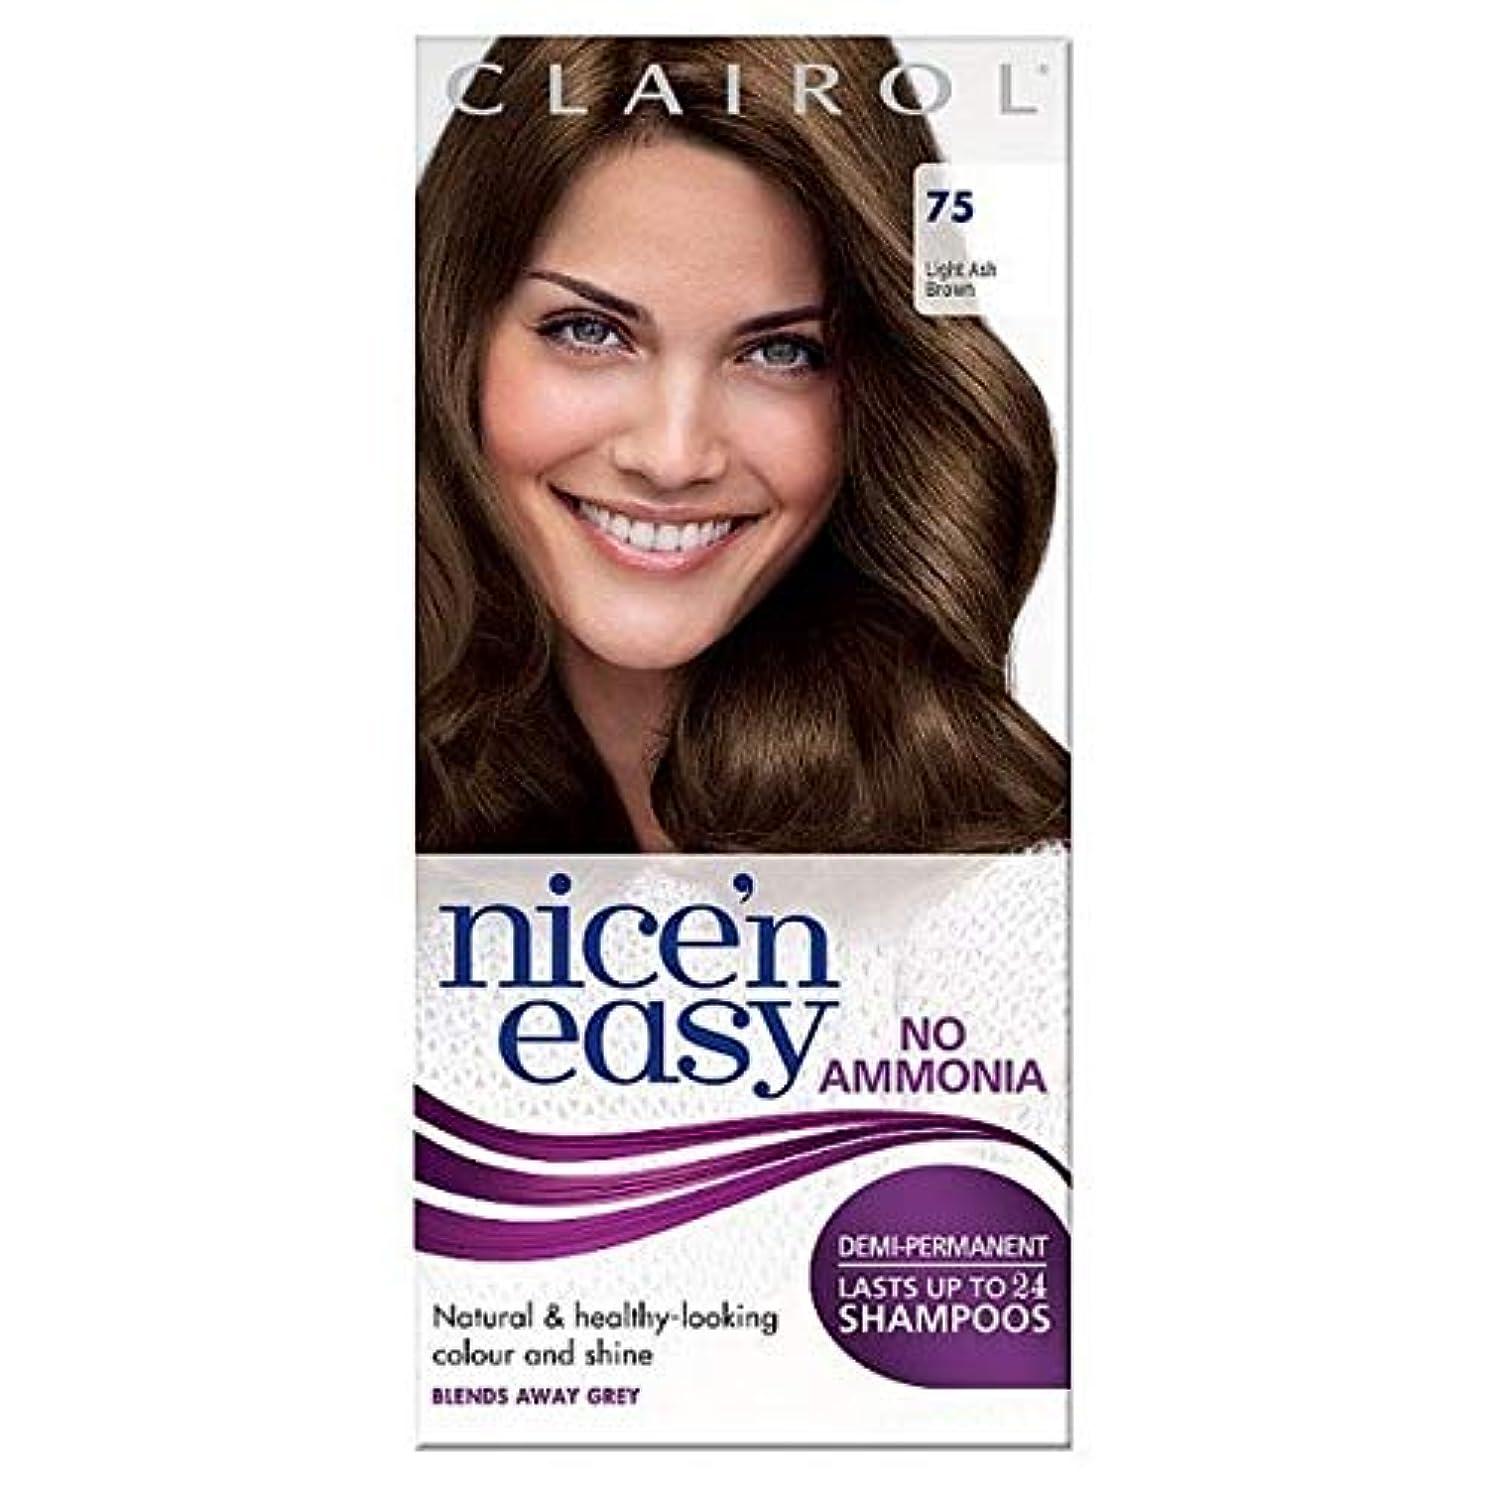 疲労アルカトラズ島アプライアンス[Nice'n Easy] Nice'N簡単に何のアンモニアの染毛剤光アッシュブラウンません75 - Nice'n Easy No Ammonia Hair Dye Light Ash Brown 75 [並行輸入品]